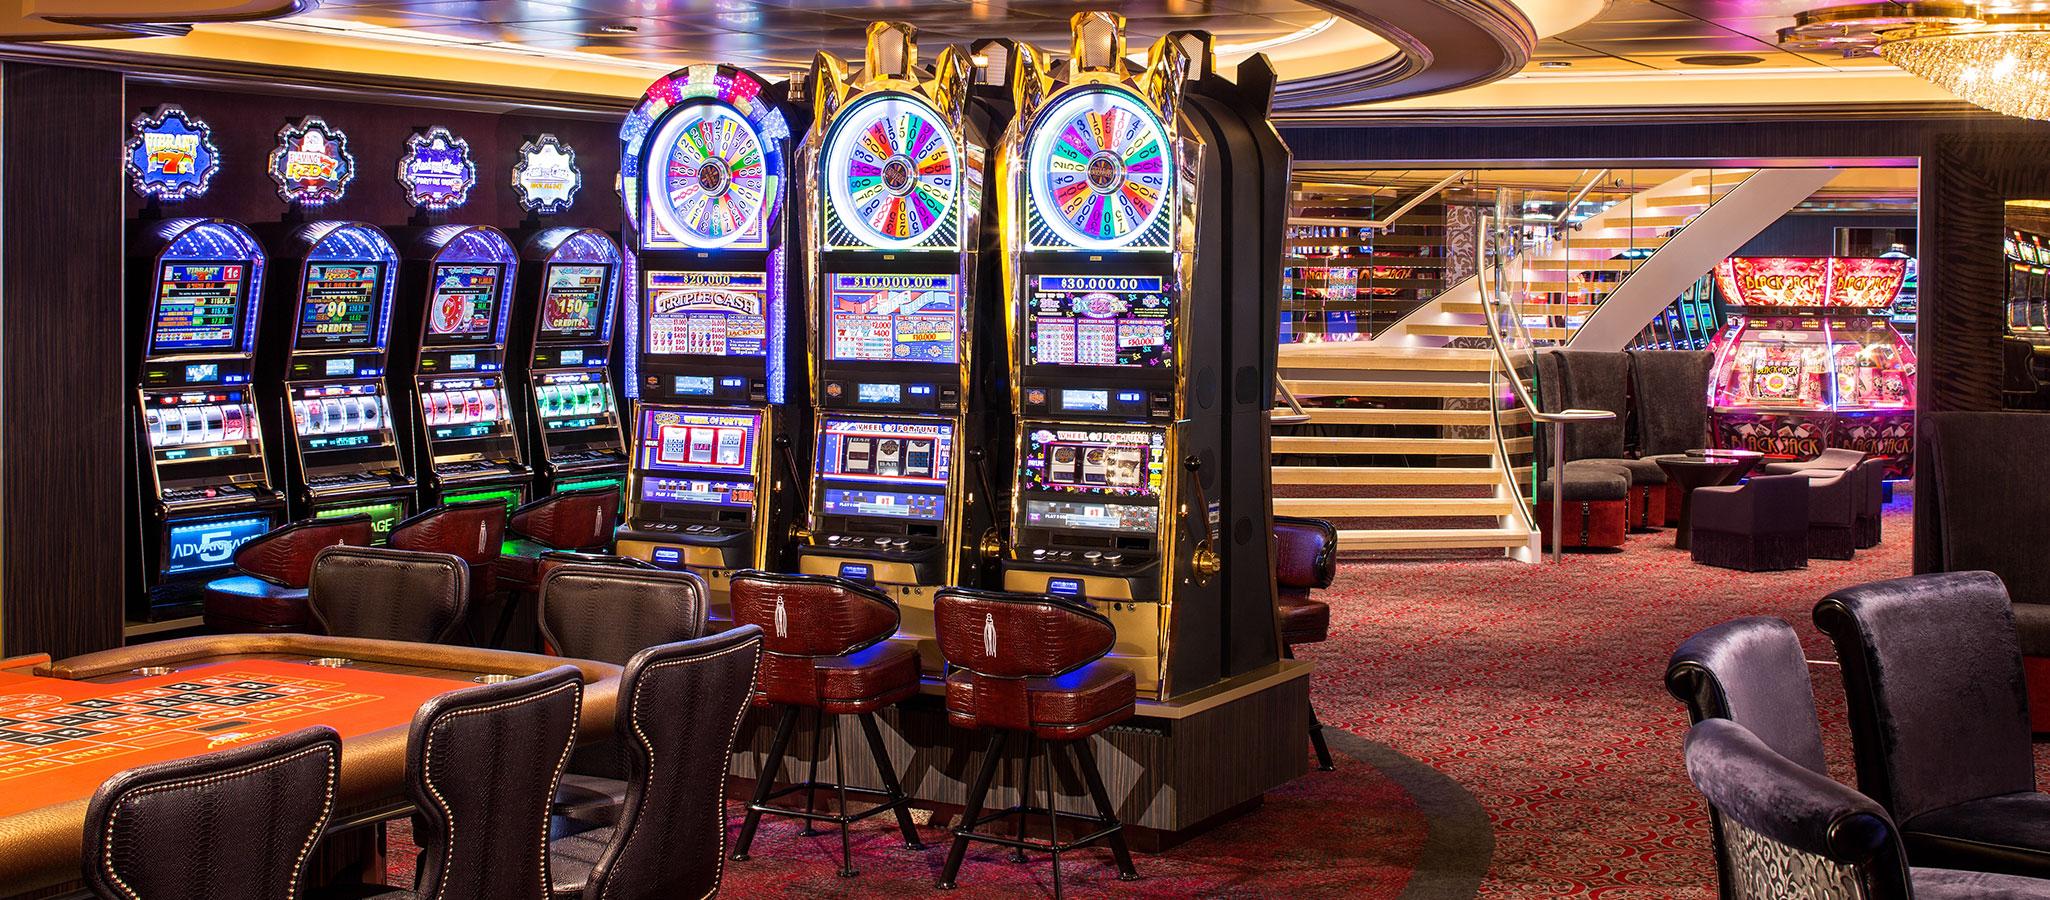 Natürlich bieten die All-in-Schiffe auch riesige Casinos - Themenabende lassen sich hier hervorragend umsetzen.